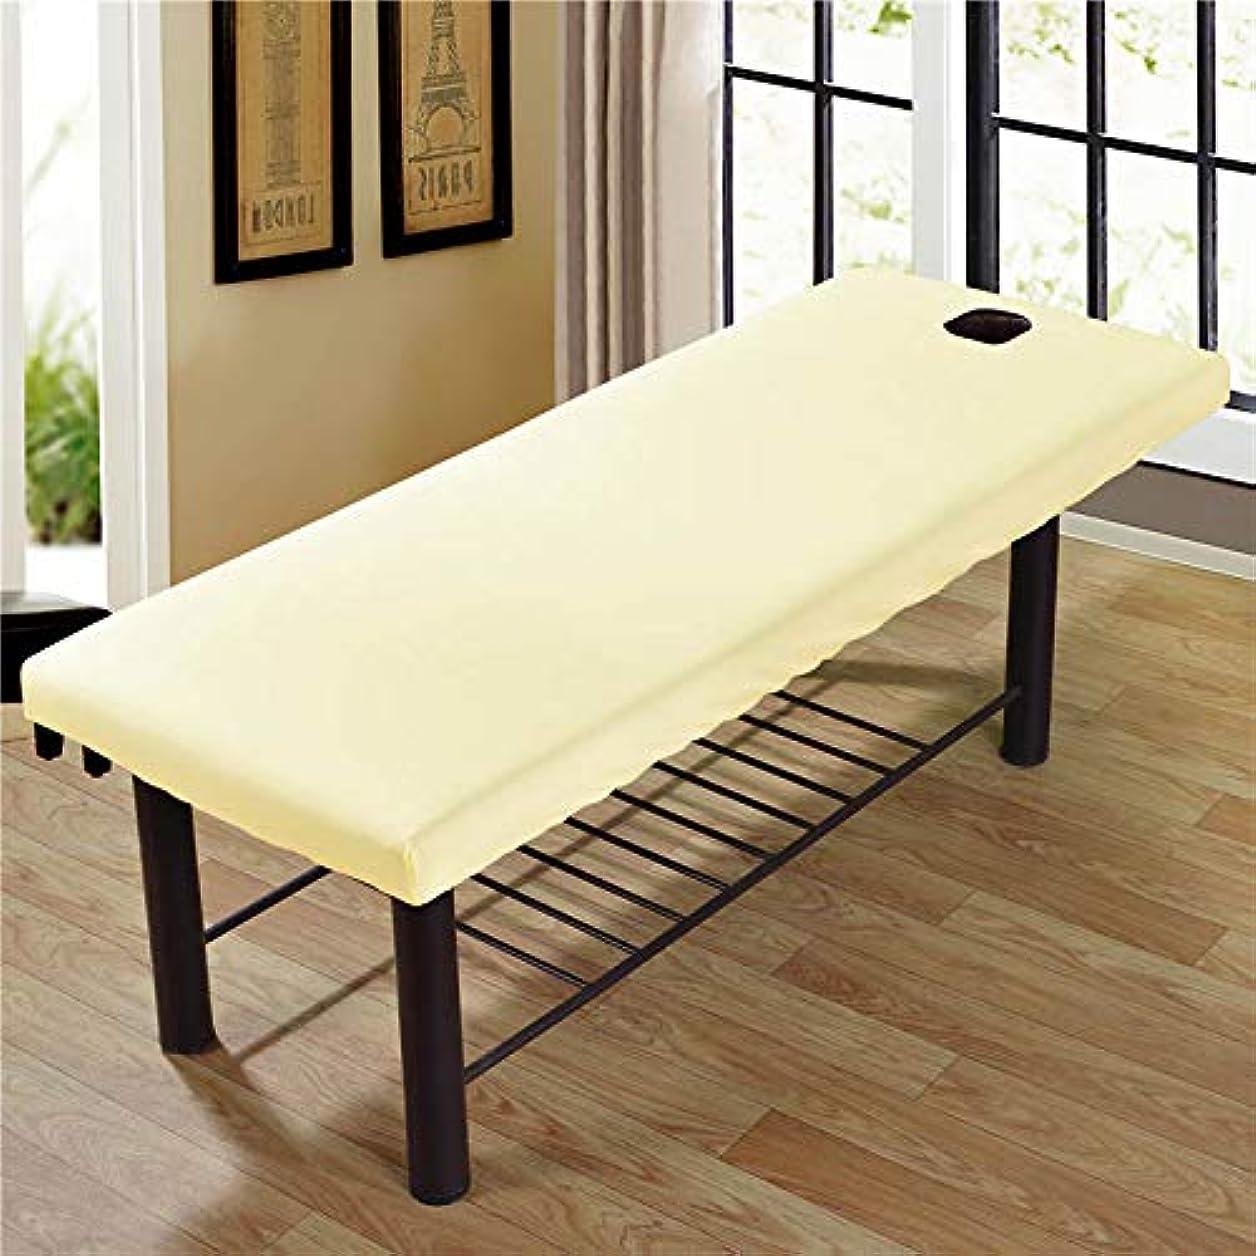 良い確かな不毛のJanusSaja 美容院のマッサージ療法のベッドのための柔らかいSoliod色の長方形のマットレス